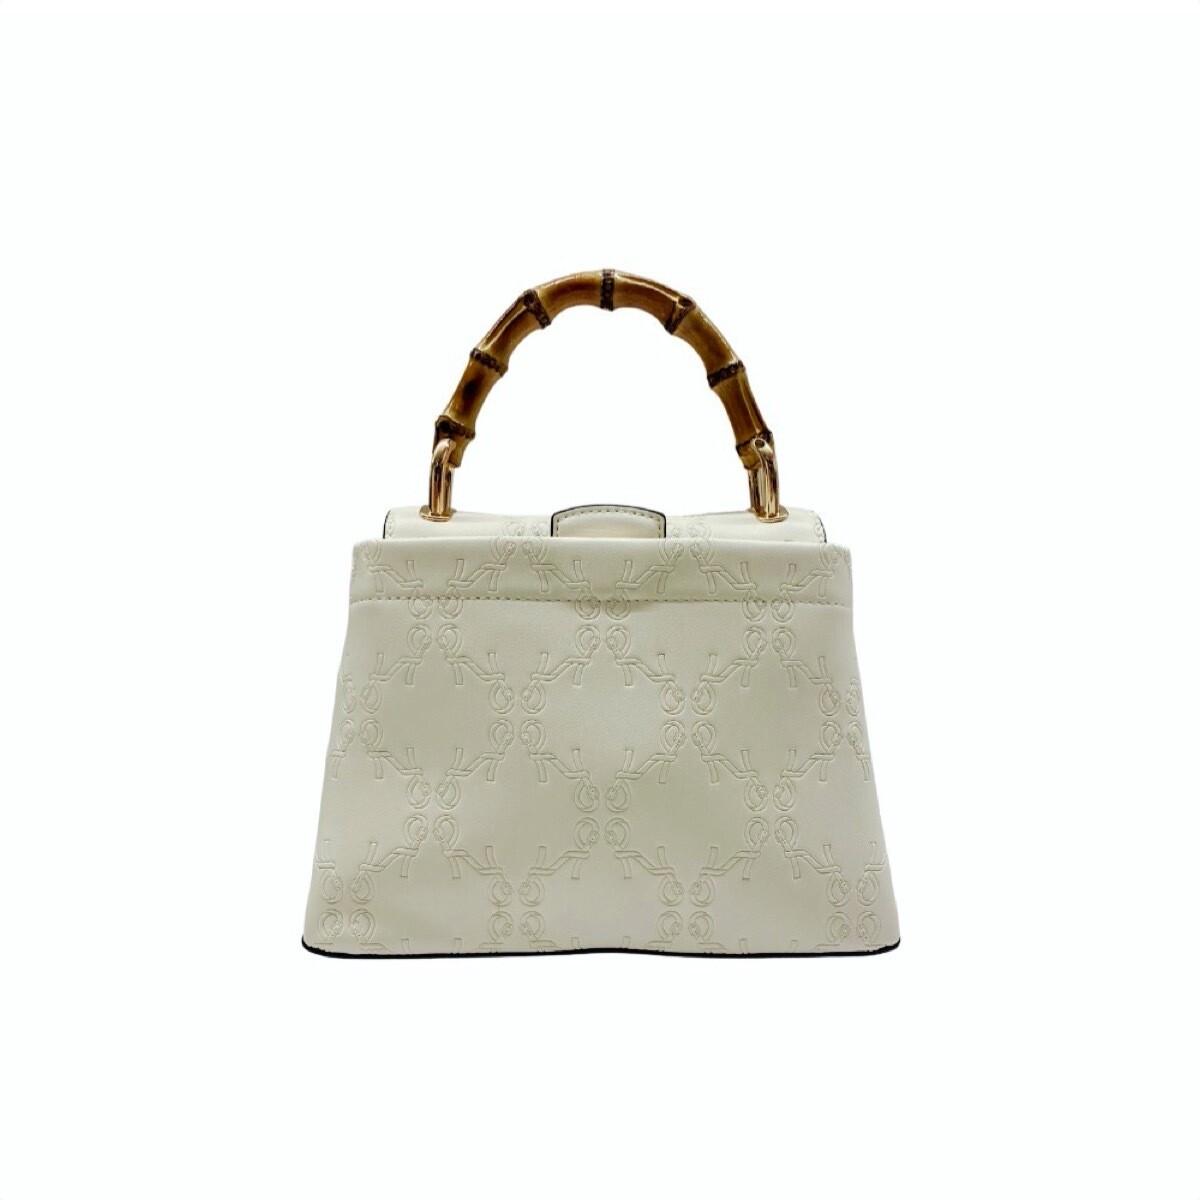 ROBERTA DI CAMERINO - Bamboo Handbag S con tracolla - White